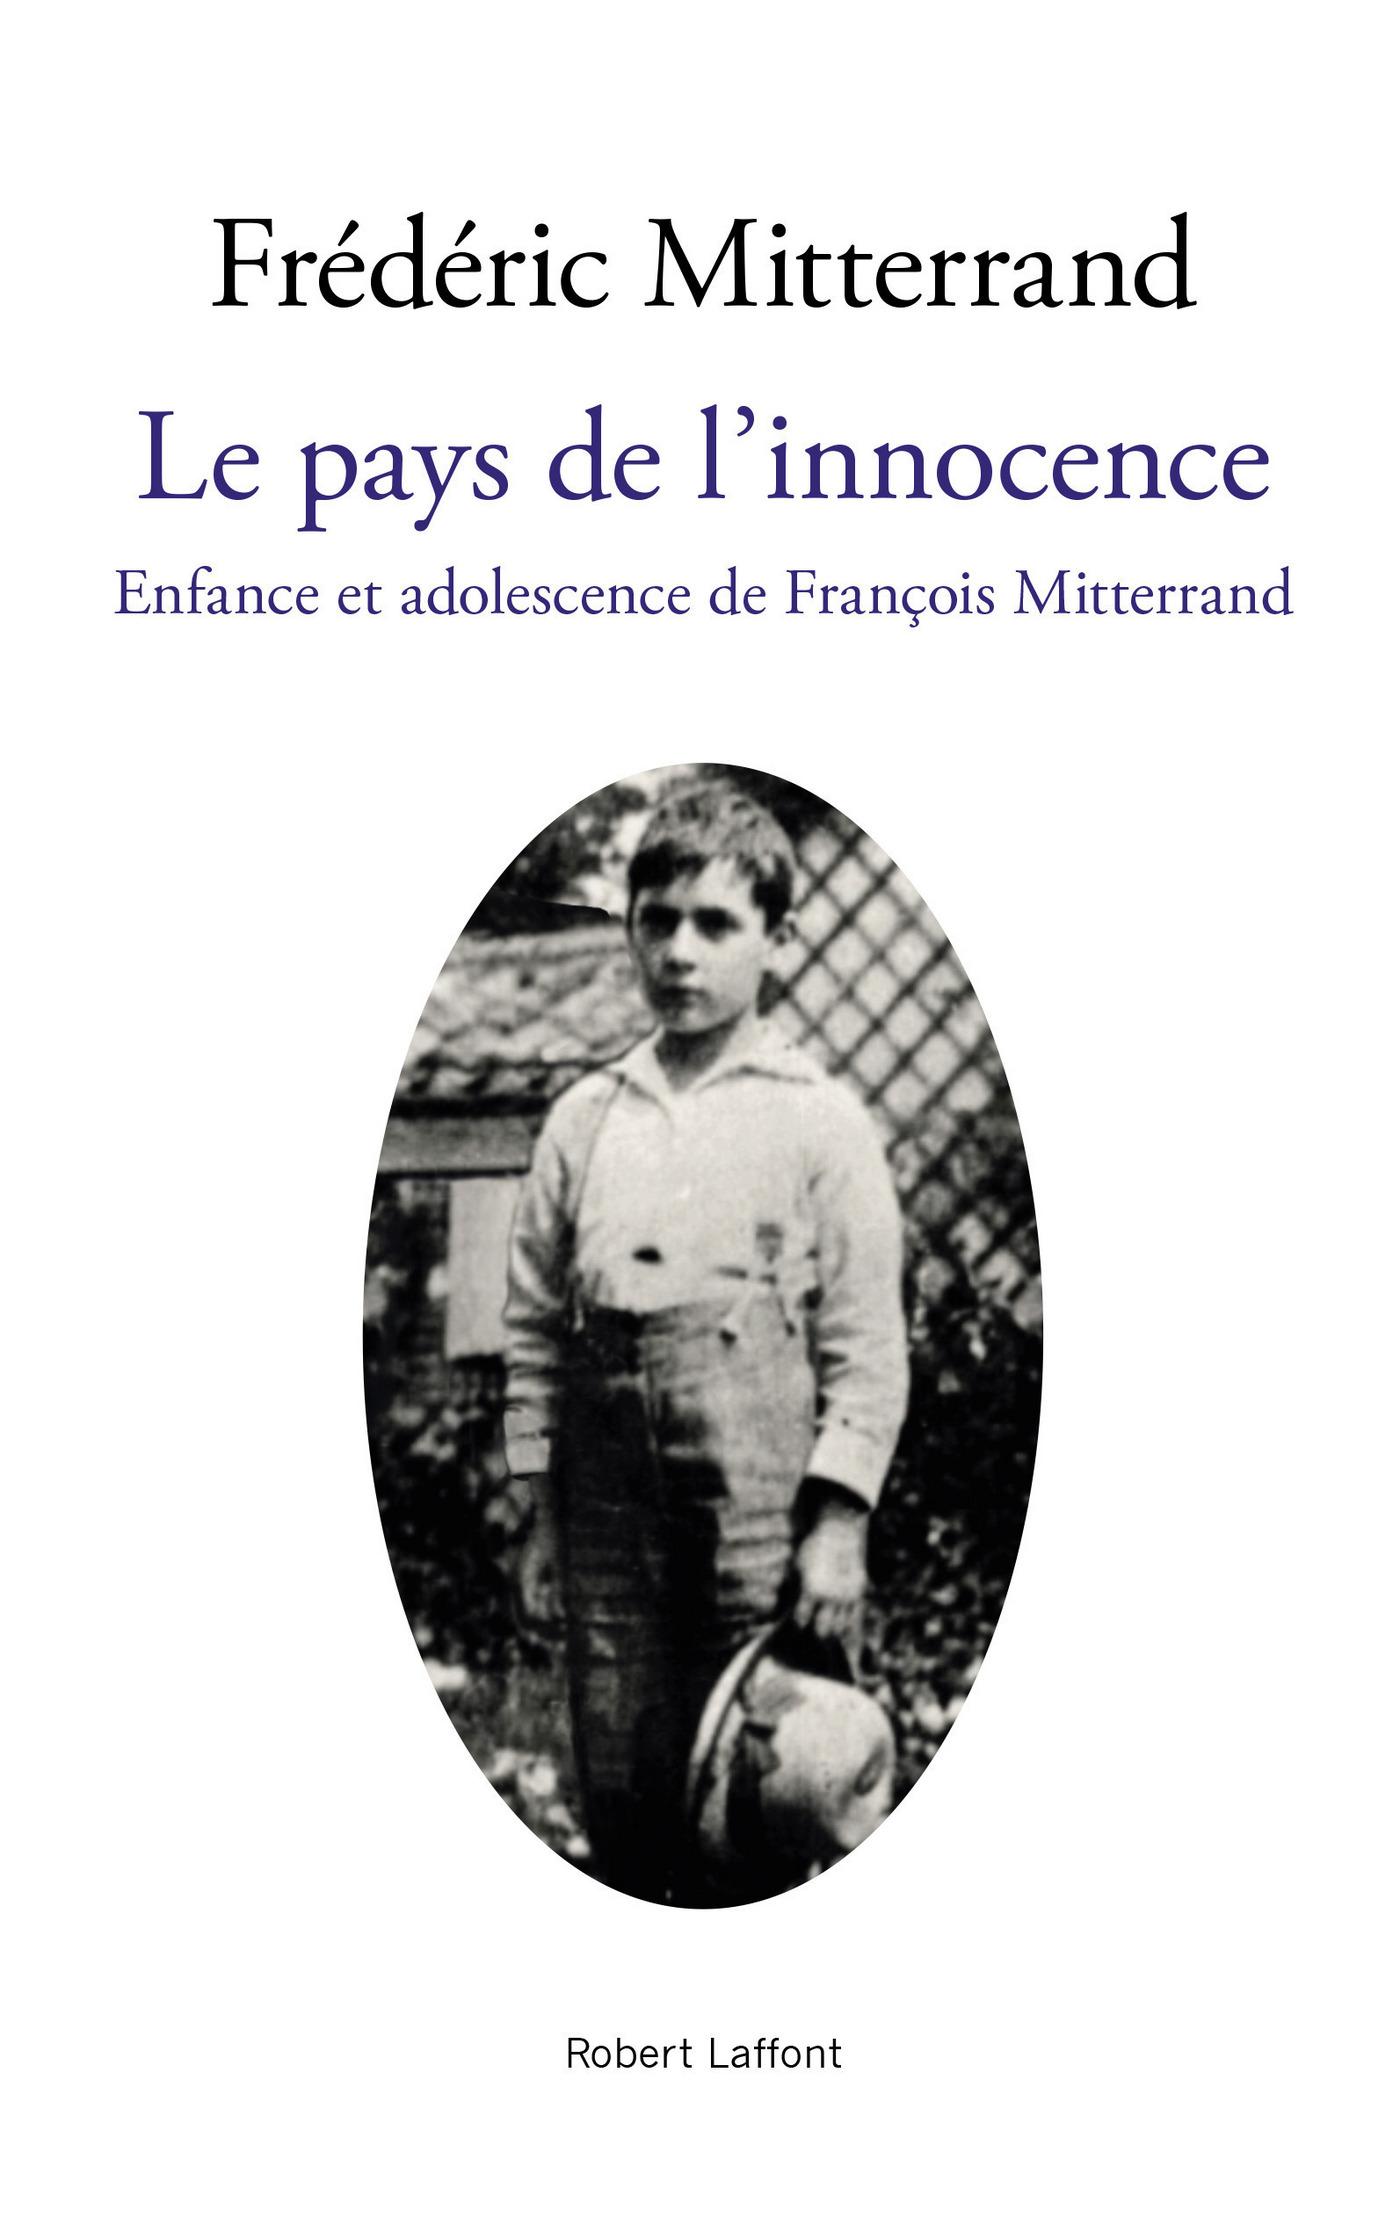 Le Pays de l'innocence